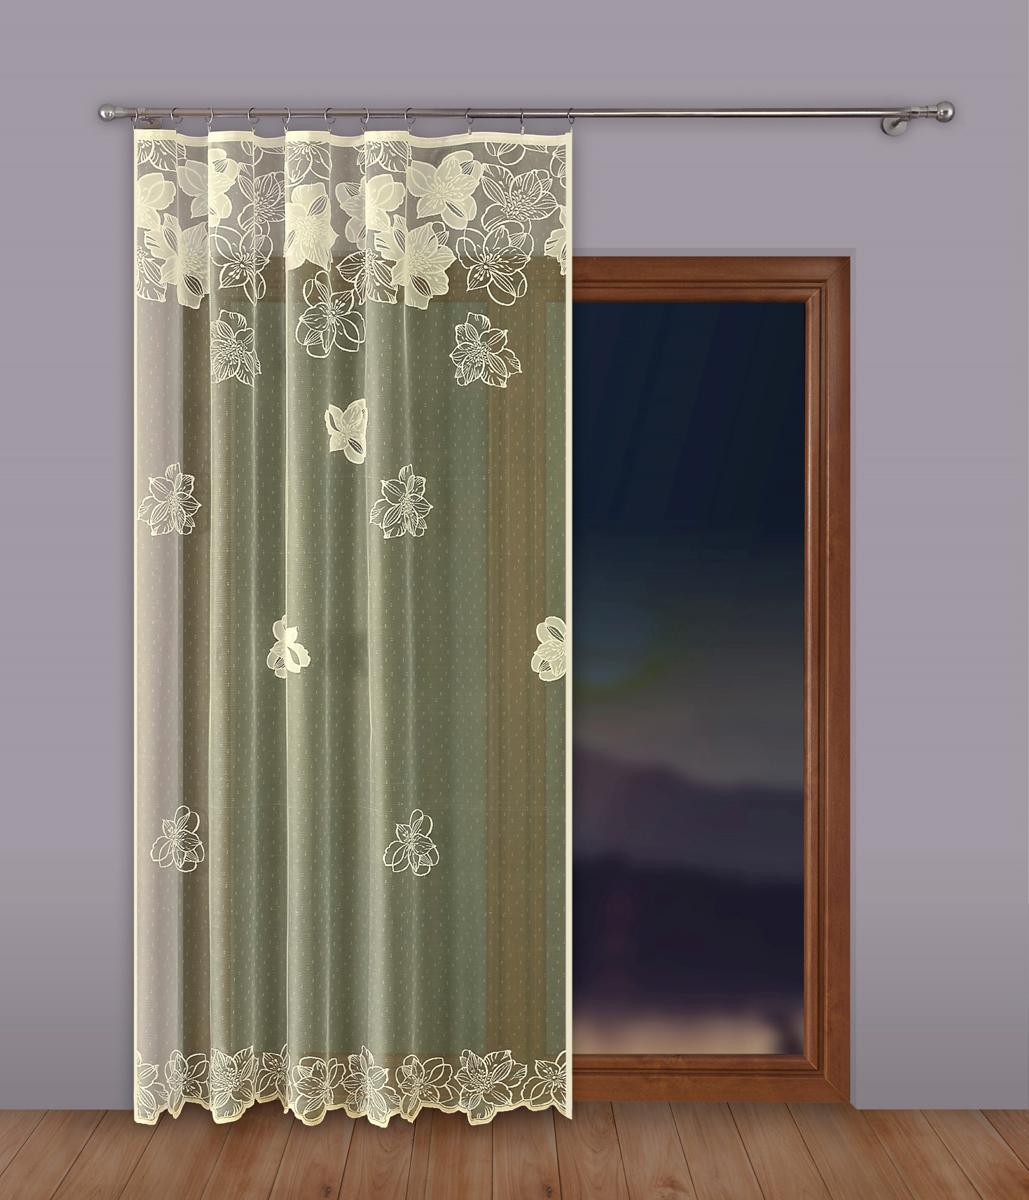 Тюль P Primavera Firany, на ленте, цвет: кремовый, высота 250 см, ширина 500 см. 1110346 тюль p primavera firany цвет кремовый высота 250 см 1110124